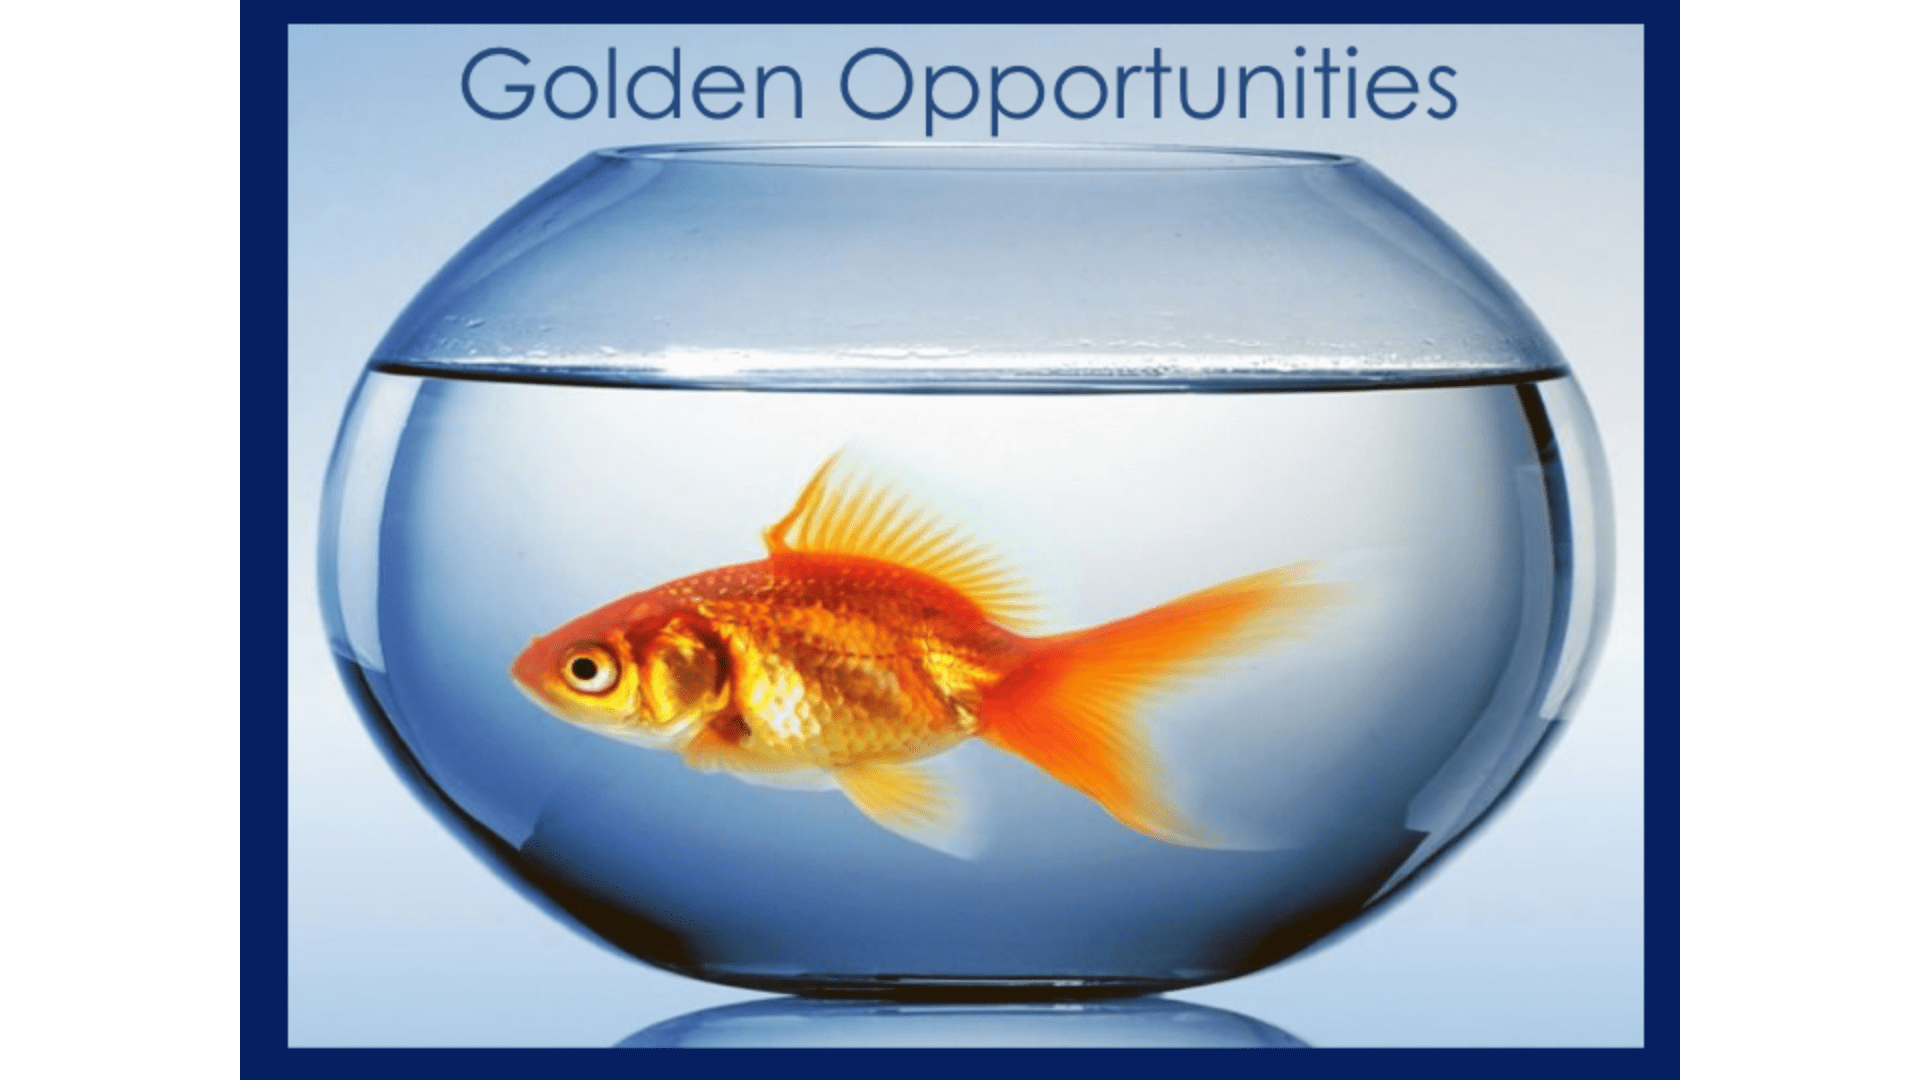 Golden Opportunities - Greg Stephens